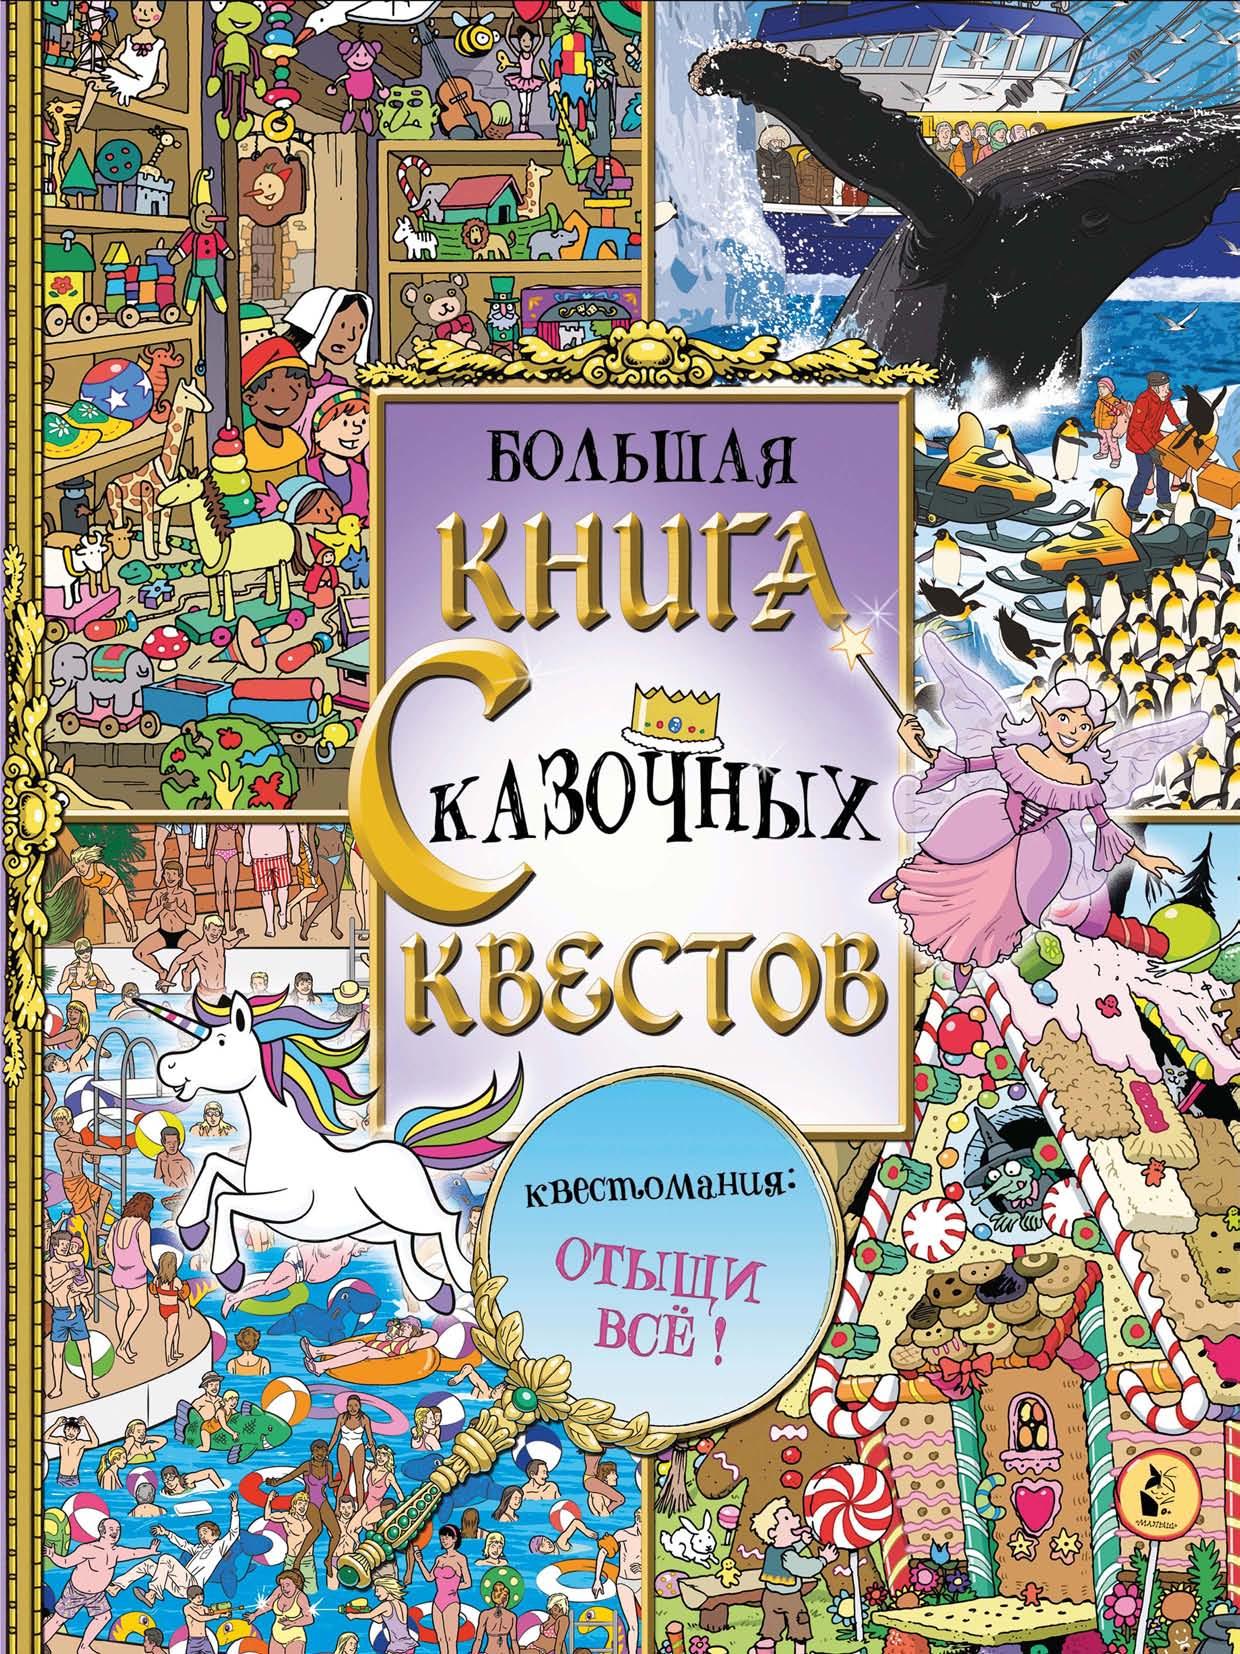 Большая книга сказочных квестов фото